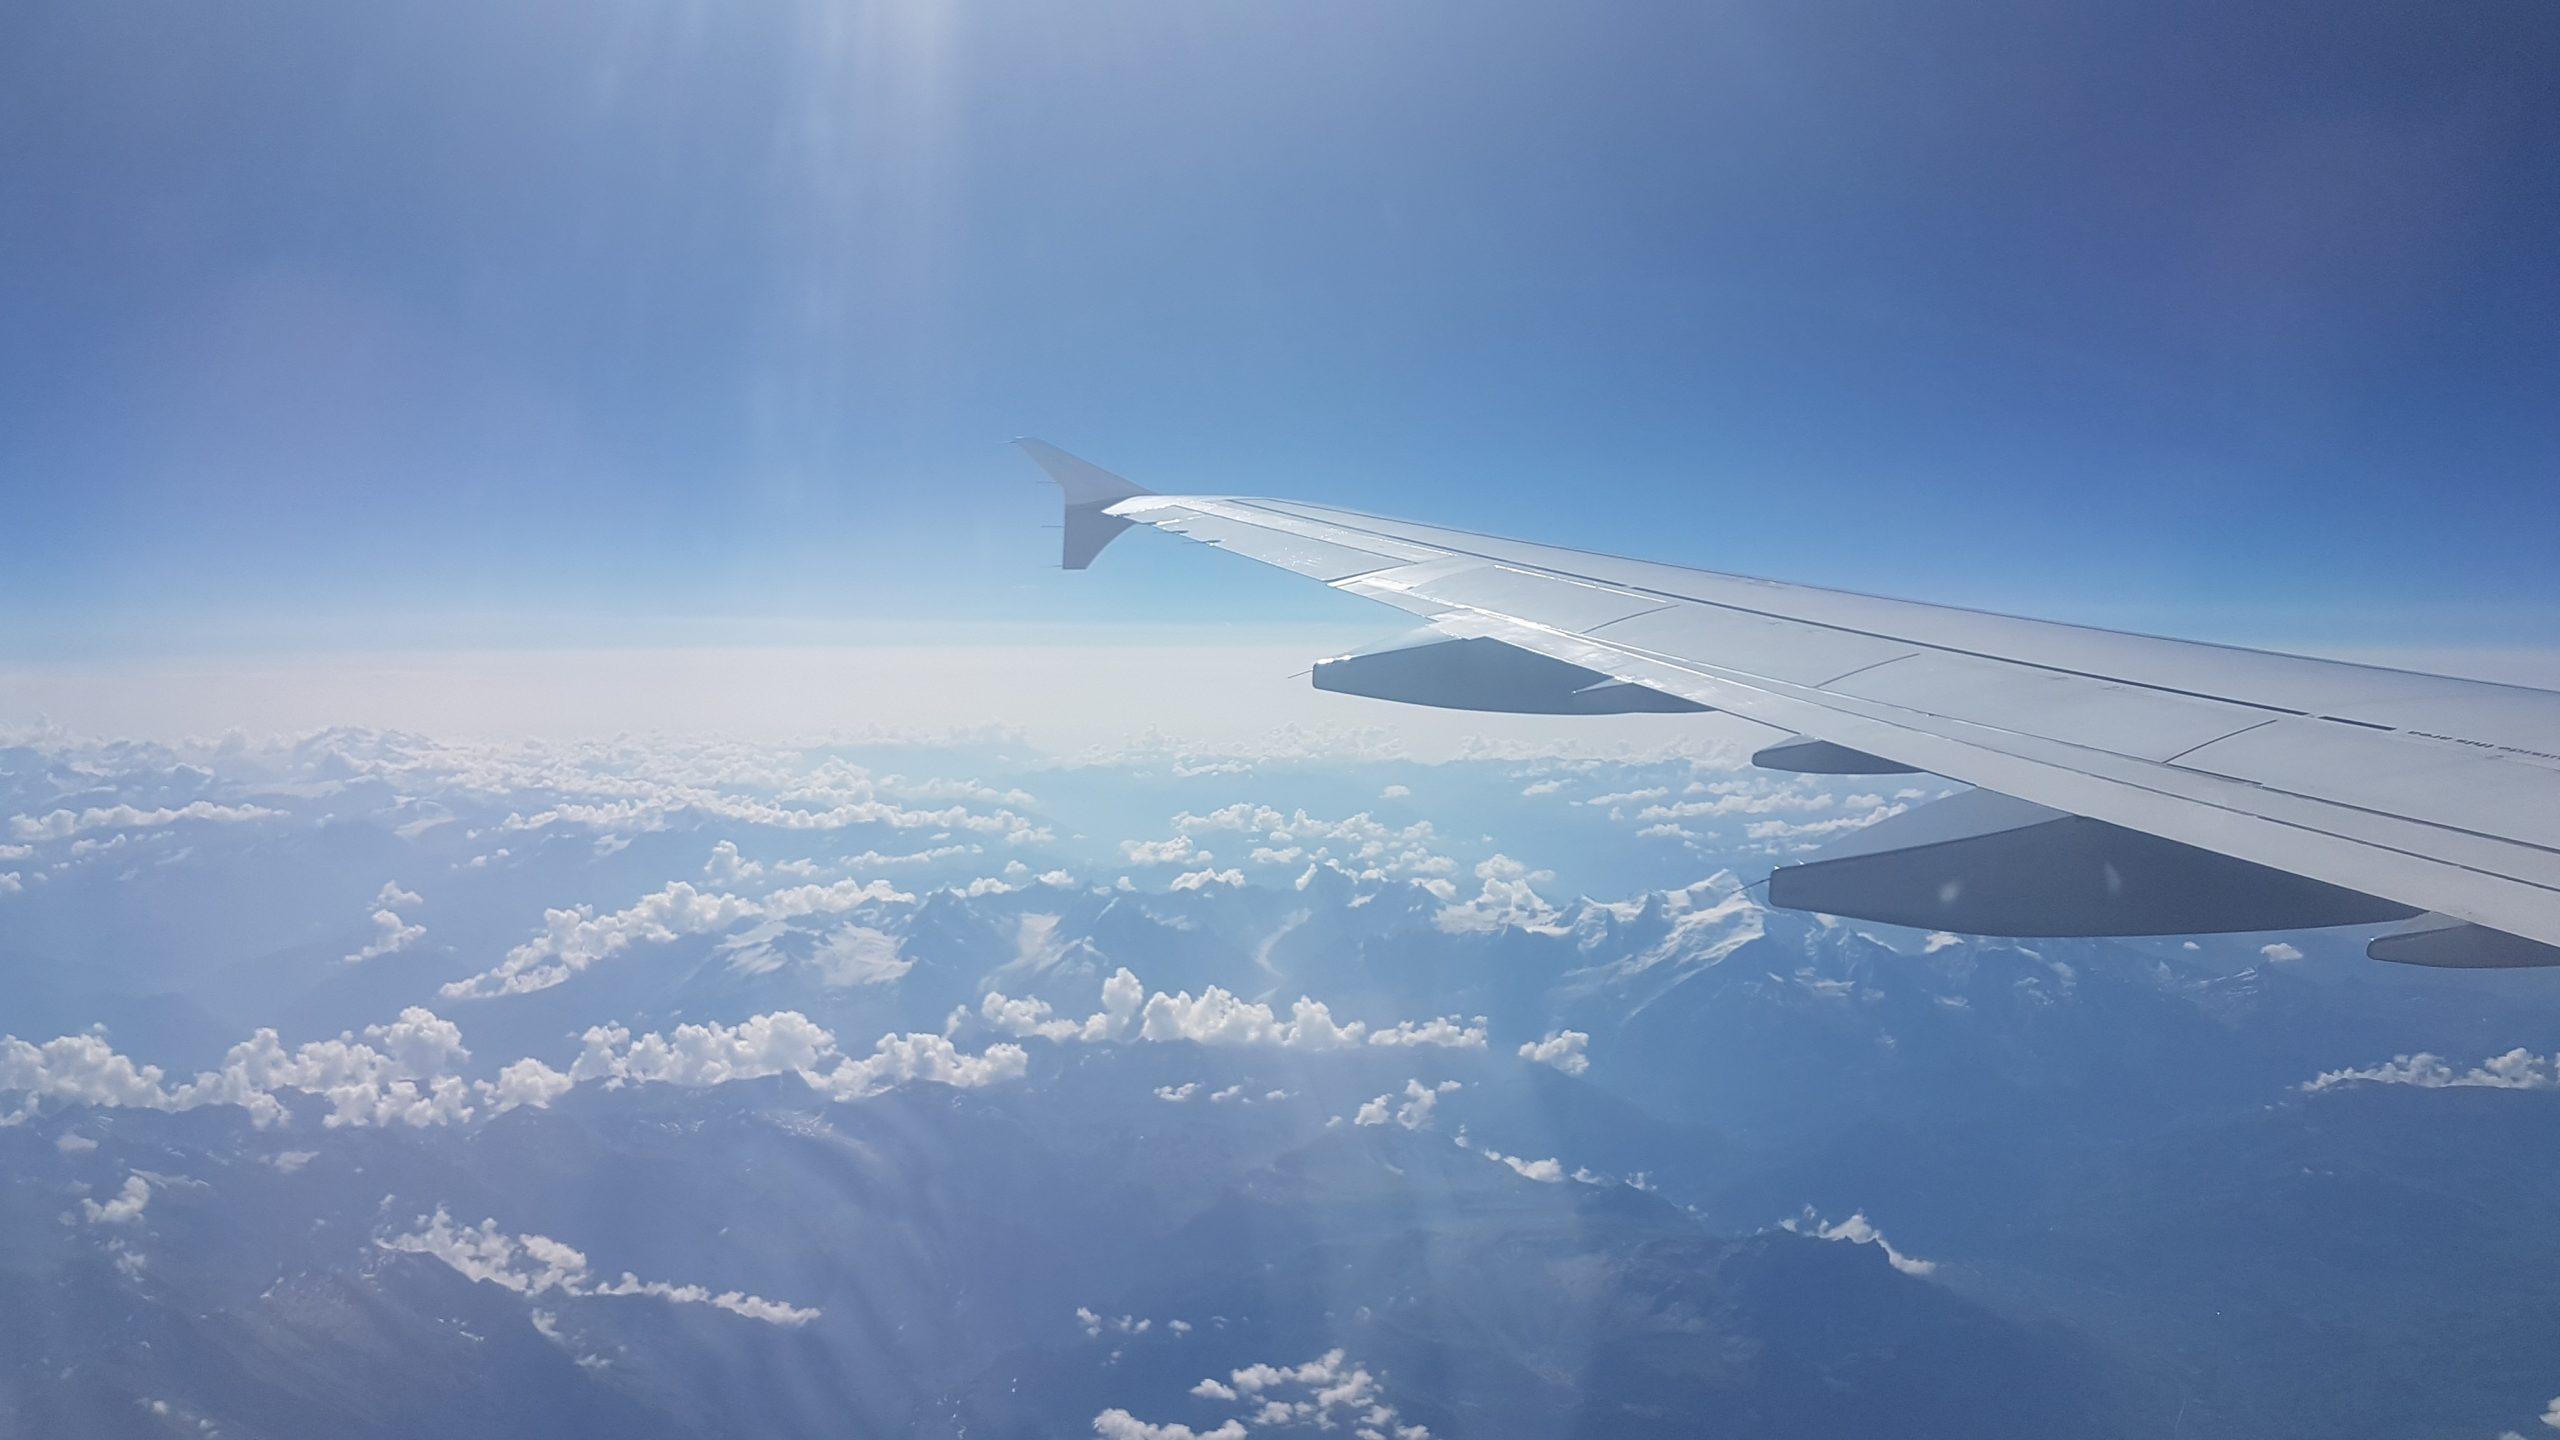 Avion por encima de las nubes